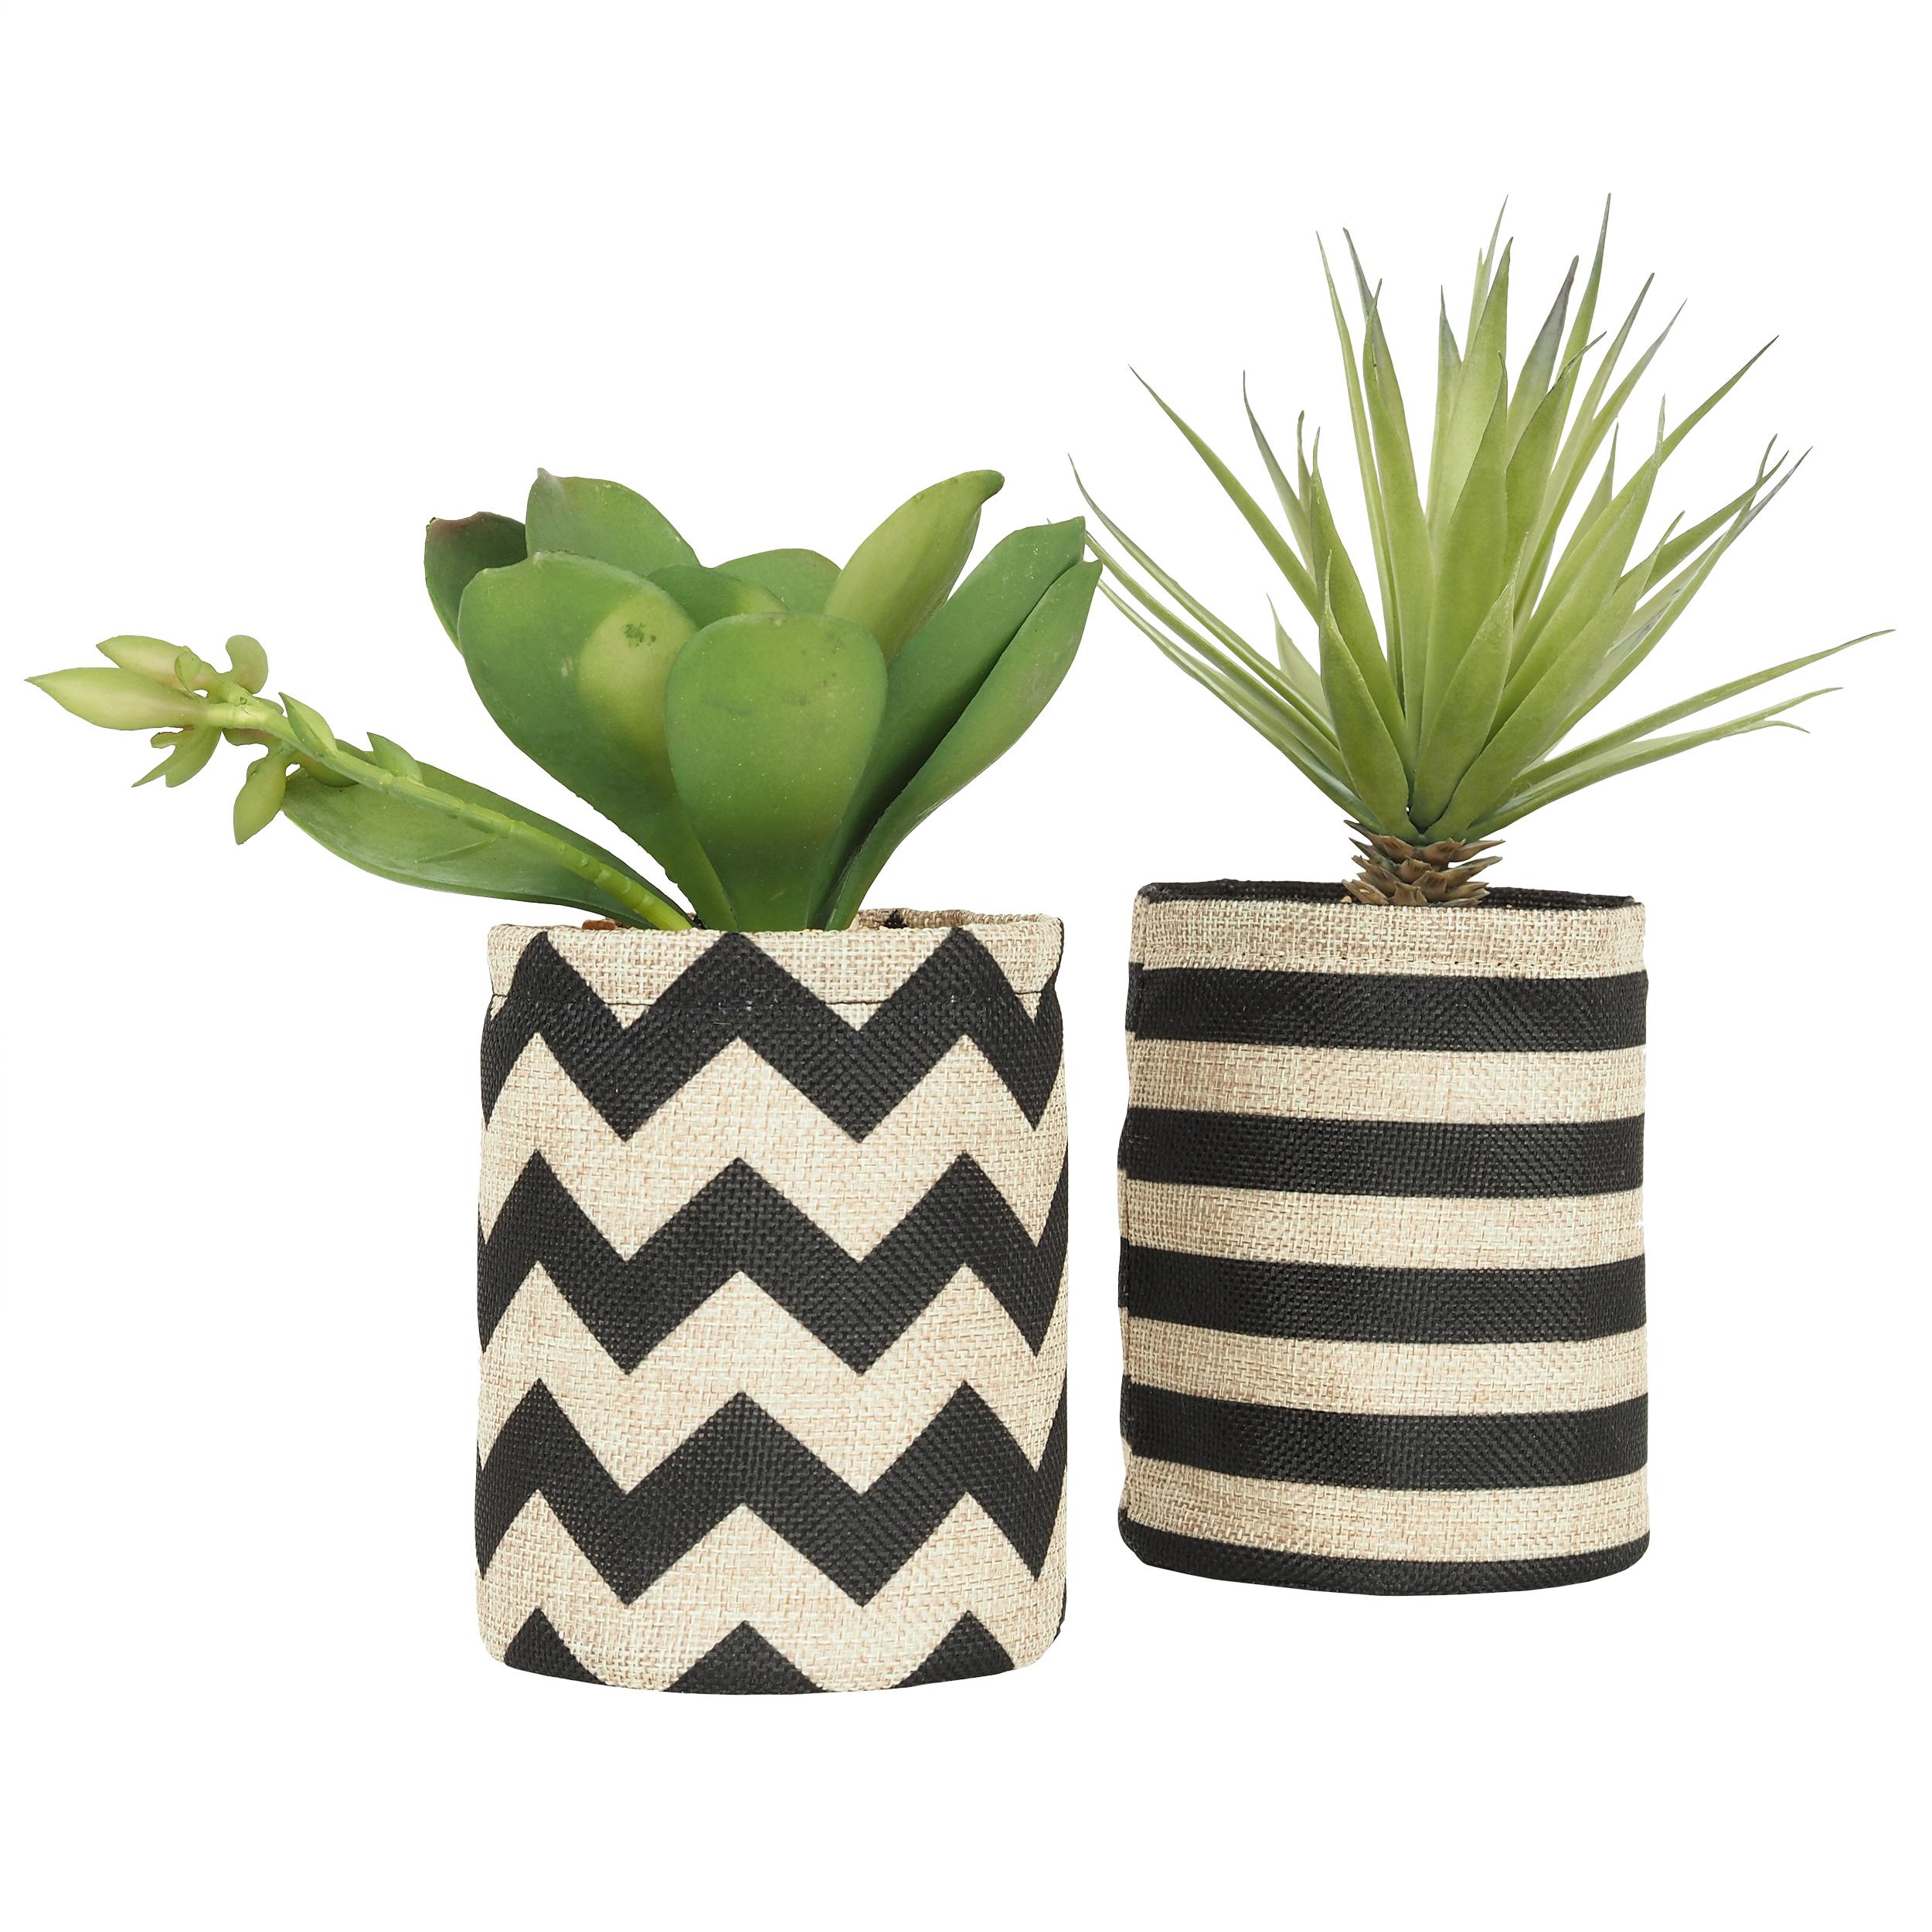 2 Succulentes artificielles assorties + sacs en toile de jute 26cm